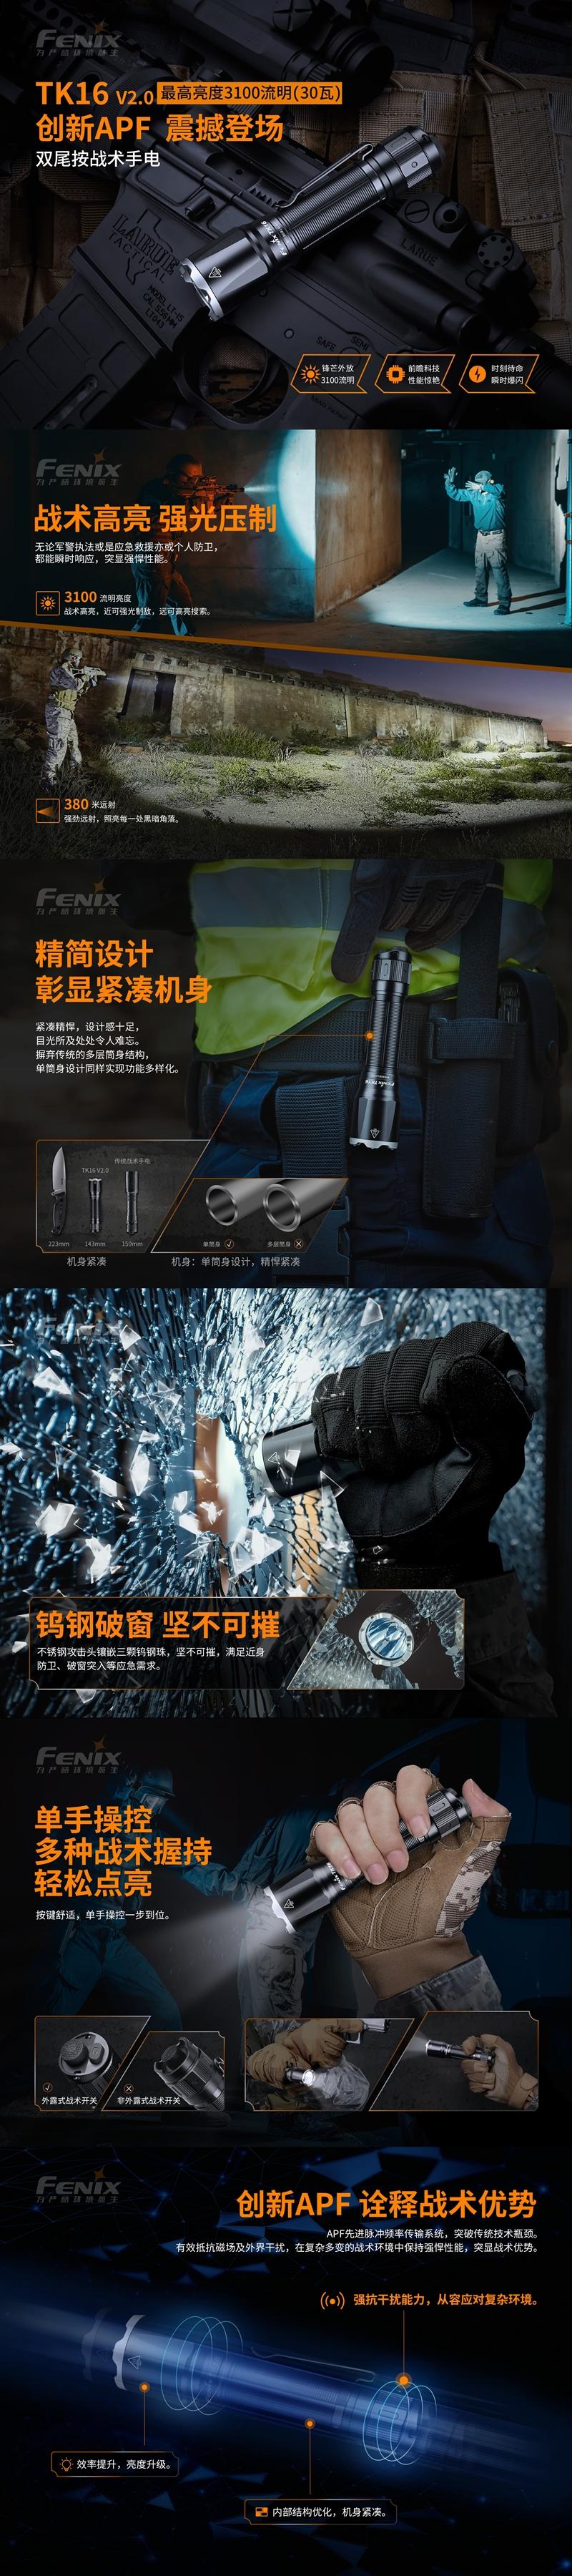 1戰術雙尾按手電筒 FENIX TK16 V2.0 3100流明  標配21700電池 (1)